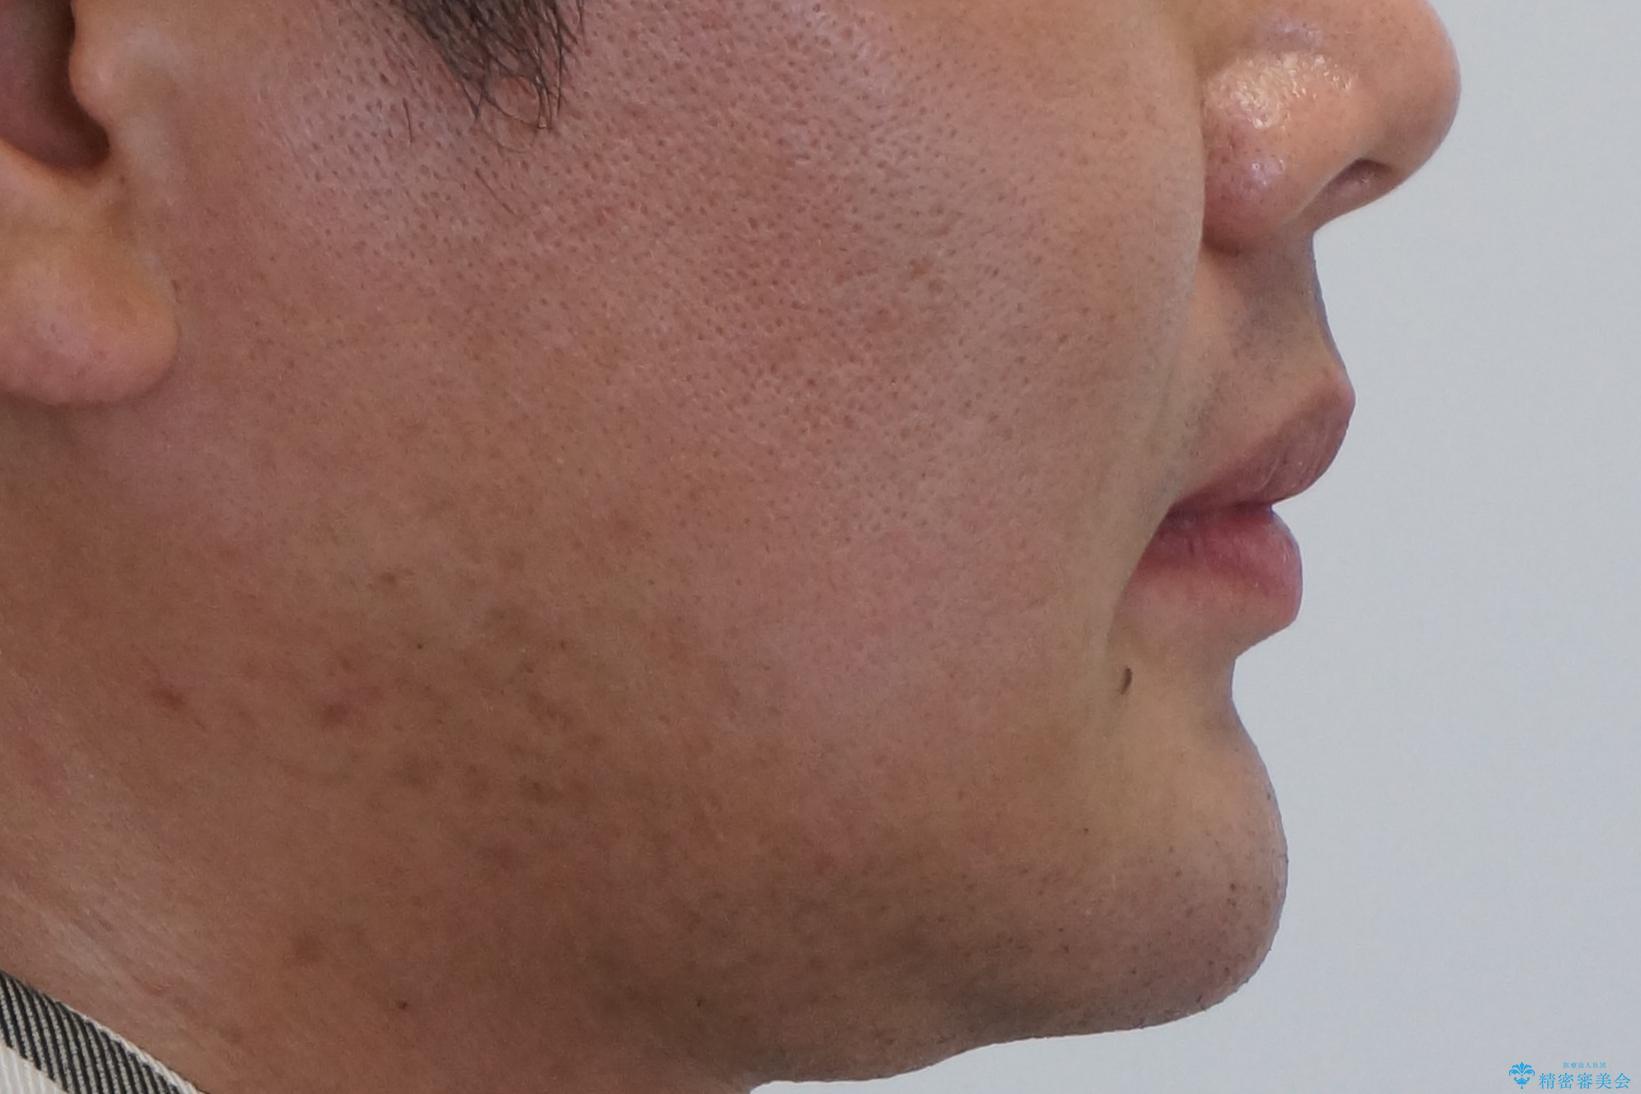 すきっ歯・出っ歯 コンプレックスの前歯を治したい 目立たない方法で セラミック治療は不可能な症例の治療後(顔貌)